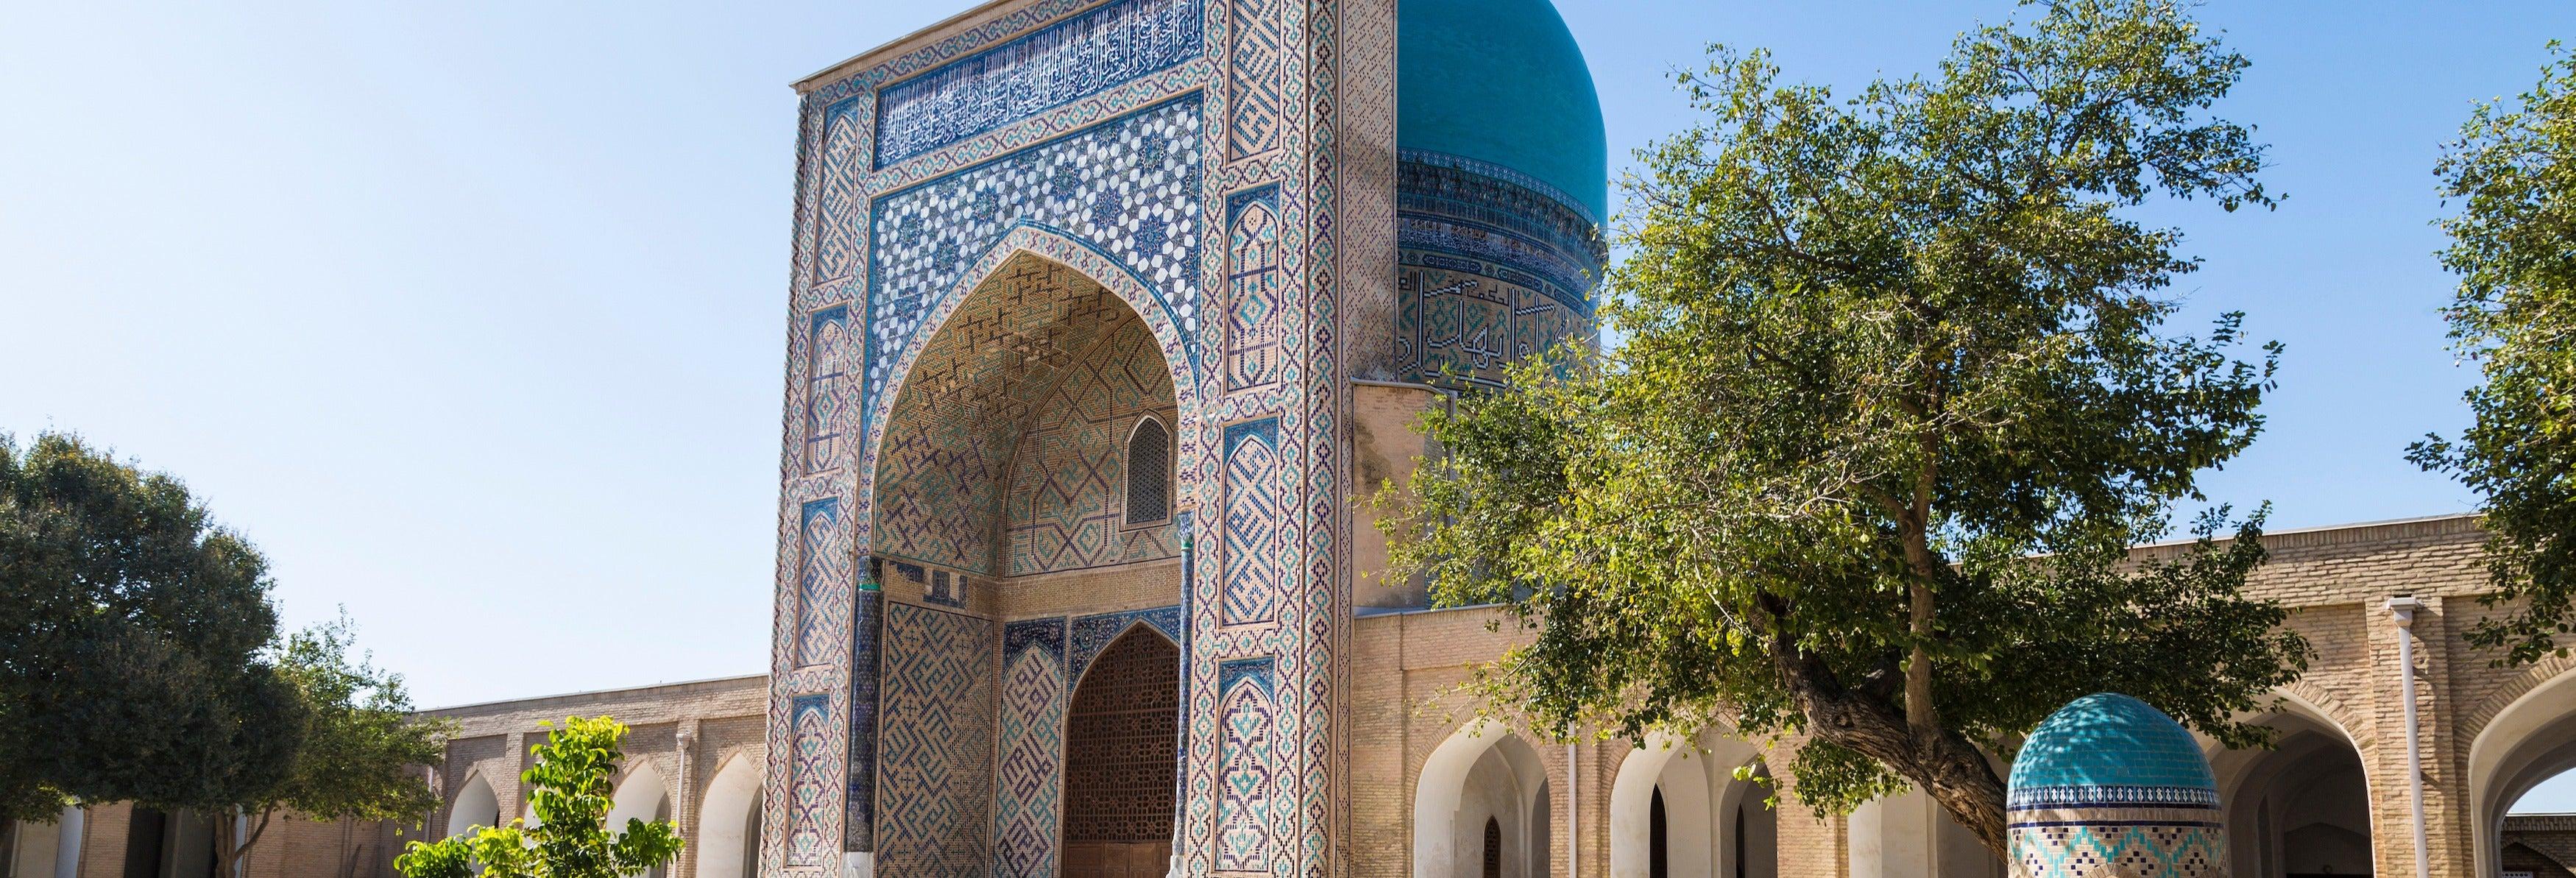 Excursión privada a Shahrisabz